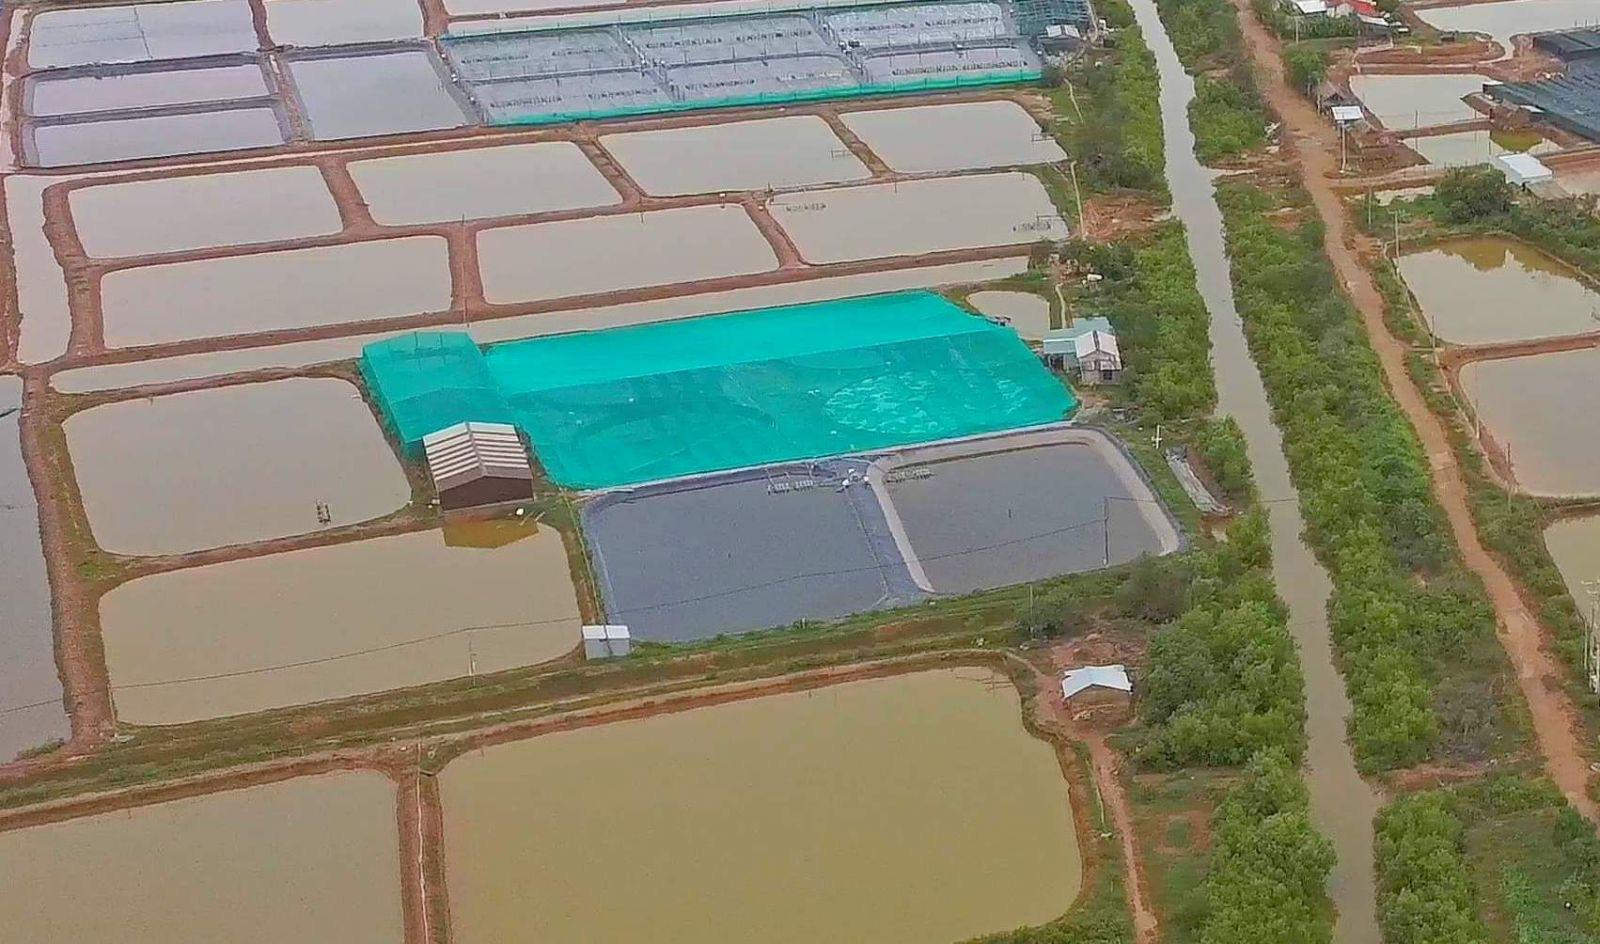 Bạc Liêu: Làm hồ trên cạn nuôi tôm công nghệ cao, 1 năm nuôi 3-4 vụ, mỗi vụ thu 2 tỷ - Ảnh 1.